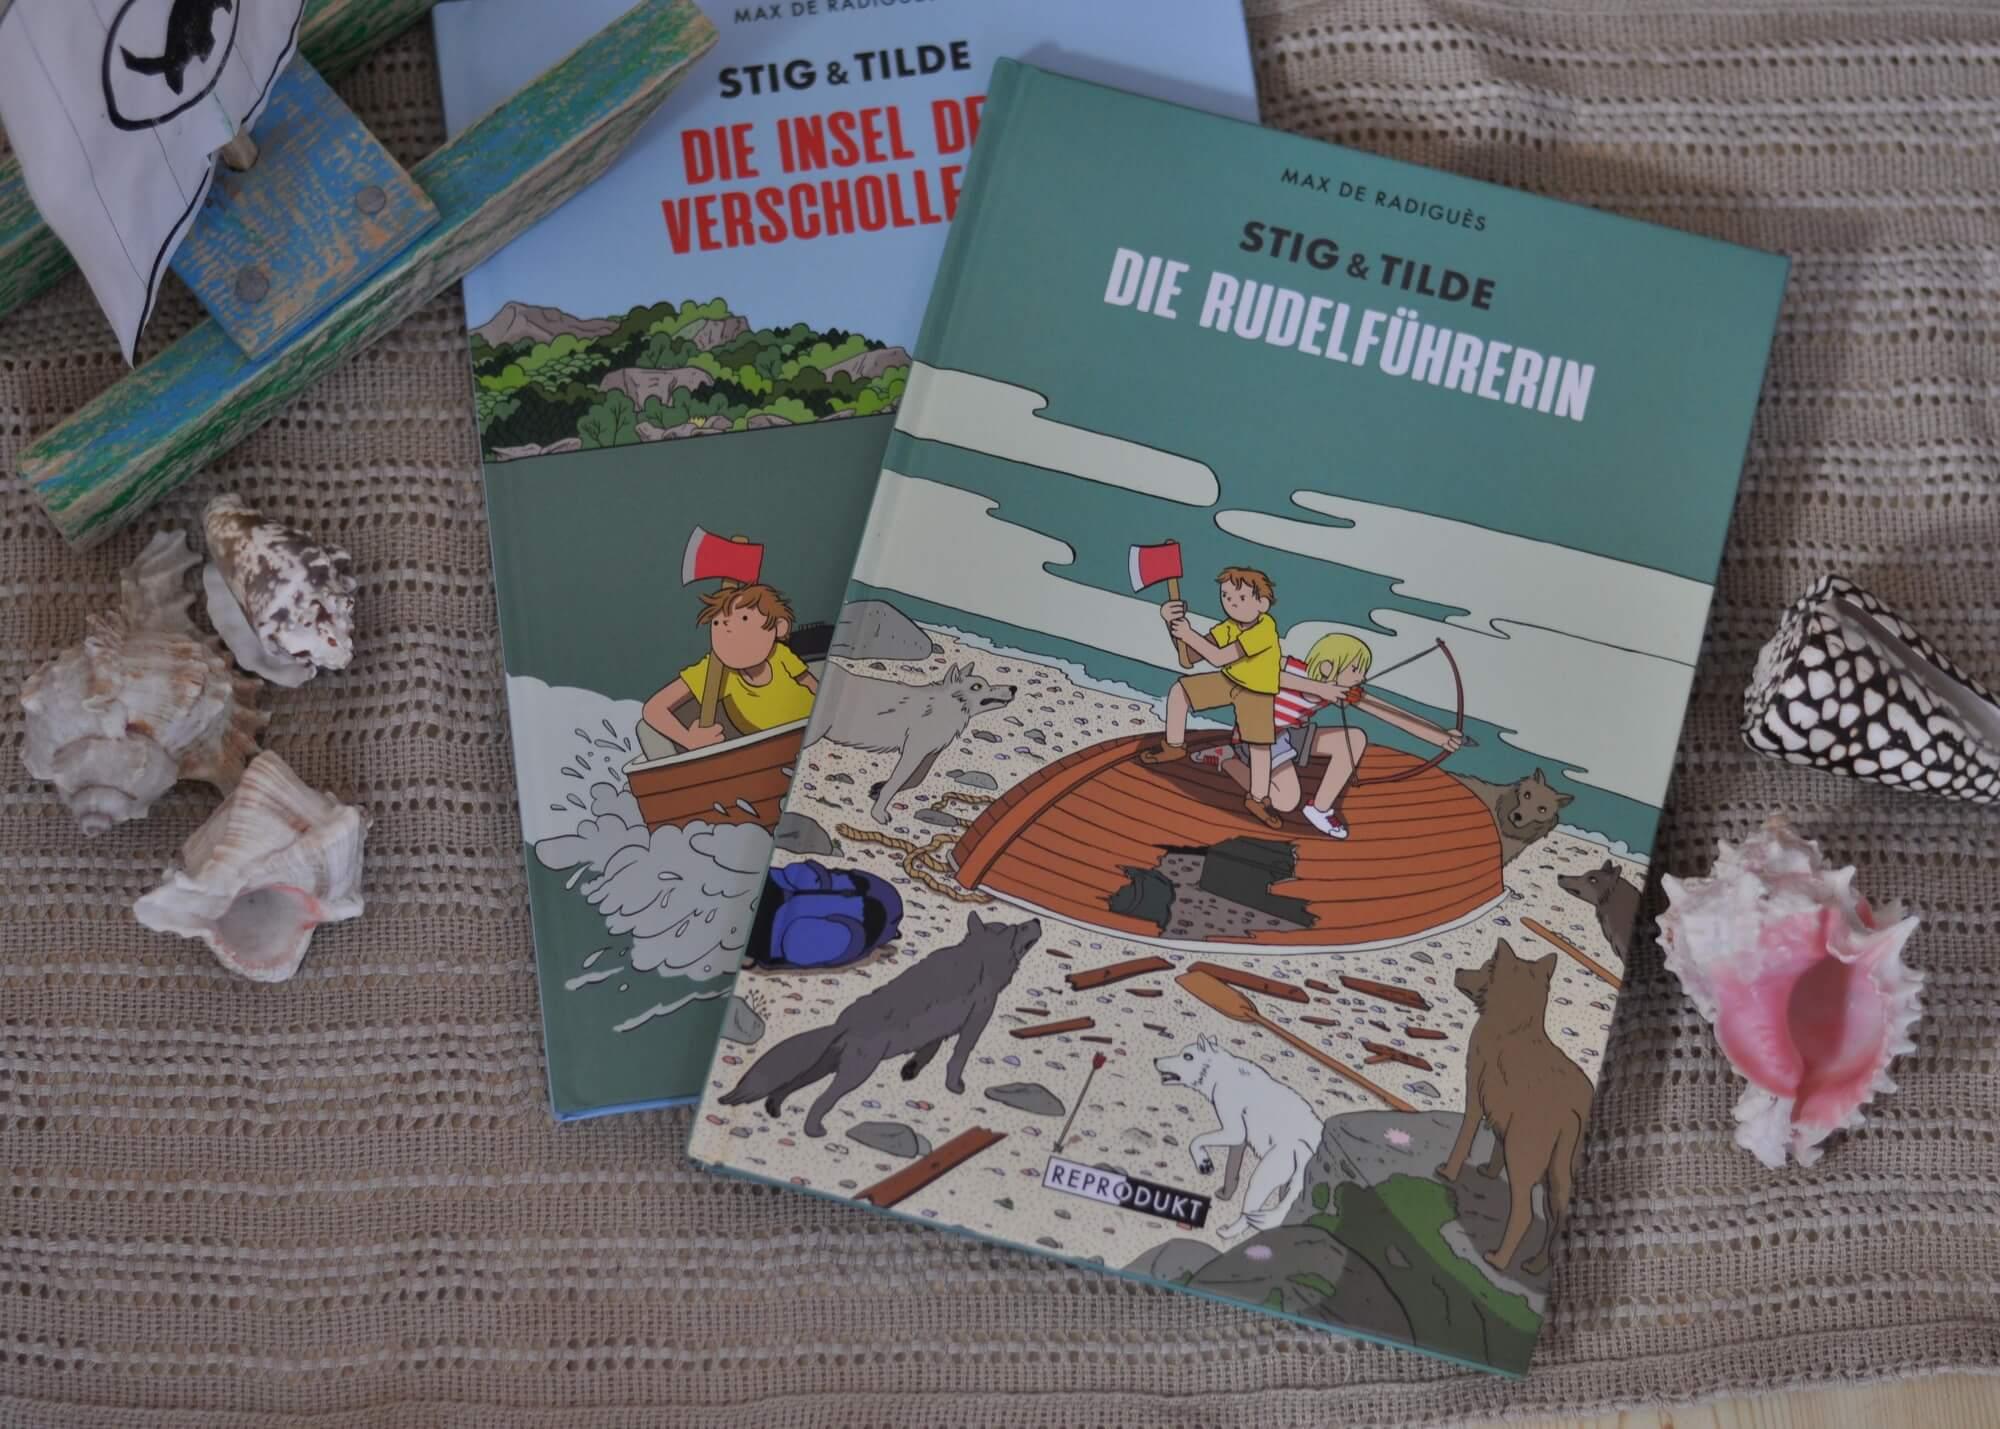 Nachdem Stig und Tilde ihr gestrandetes Boot notdürftig reparieren konnten, müssen sie auch schon blitzschnell von der einsamen Insel fliehen. Leider ist den beiden immer noch nicht klar, wo sie sich befinden, und so steuern sie direkt die nächste Insel an. Kaum an Land, werden sie von Wölfen angegriffen! Auf der Flucht vor dem angriffslustigen Rudel entdeckt Stig die Spuren einer ehemaligen Bewohnerin der Insel, die unter den Wölfen lebte. #comic #reihe #kinder #insel #boot #geschwister #zwillinge #abenteuer #mysteriös